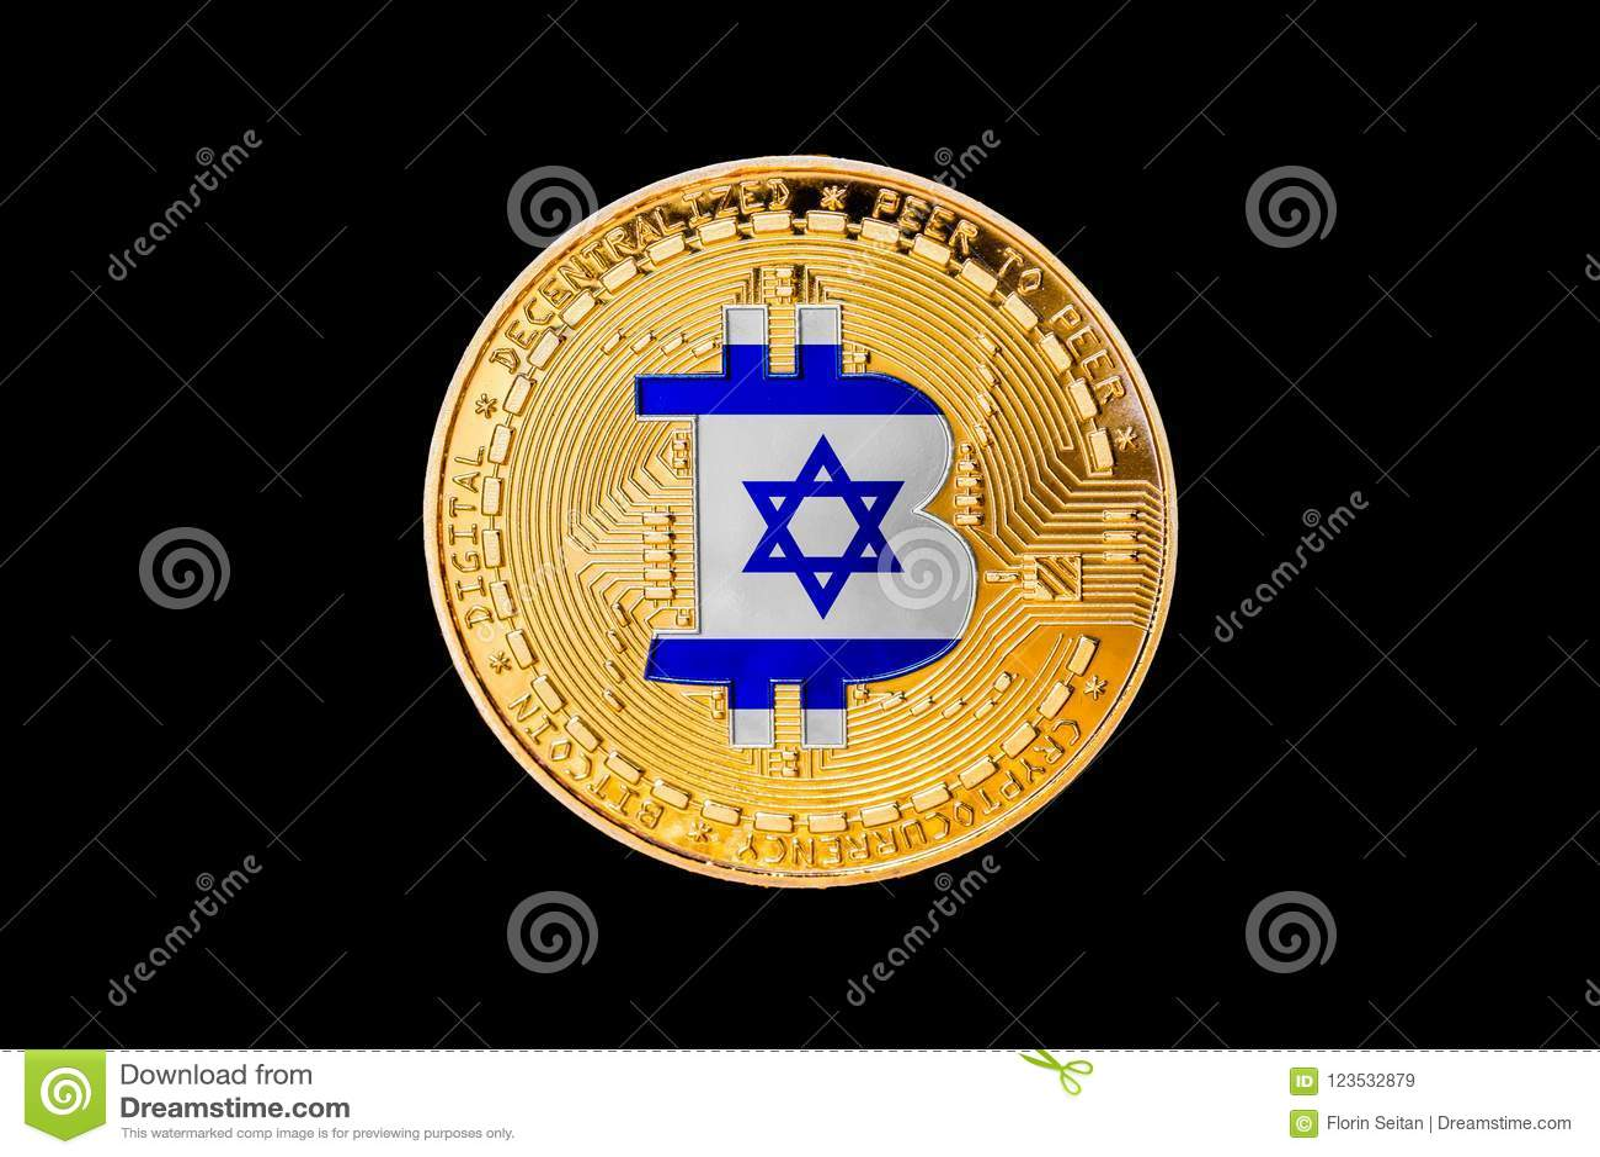 buy bitcoin israel